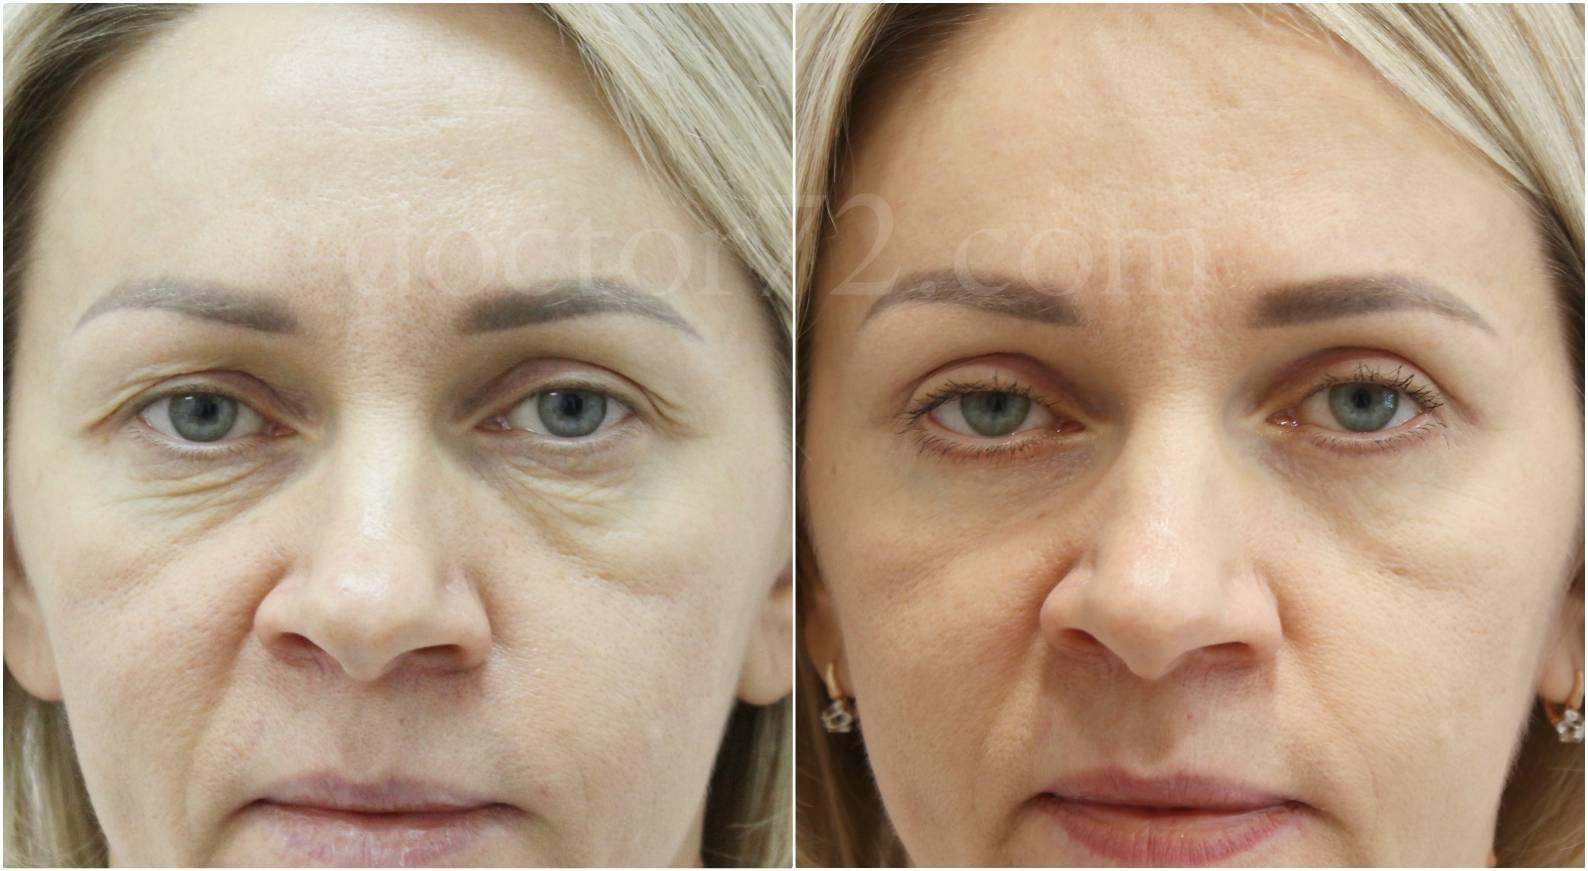 Малярные мешки под глазами: как устранить, косметические и хирургические методы